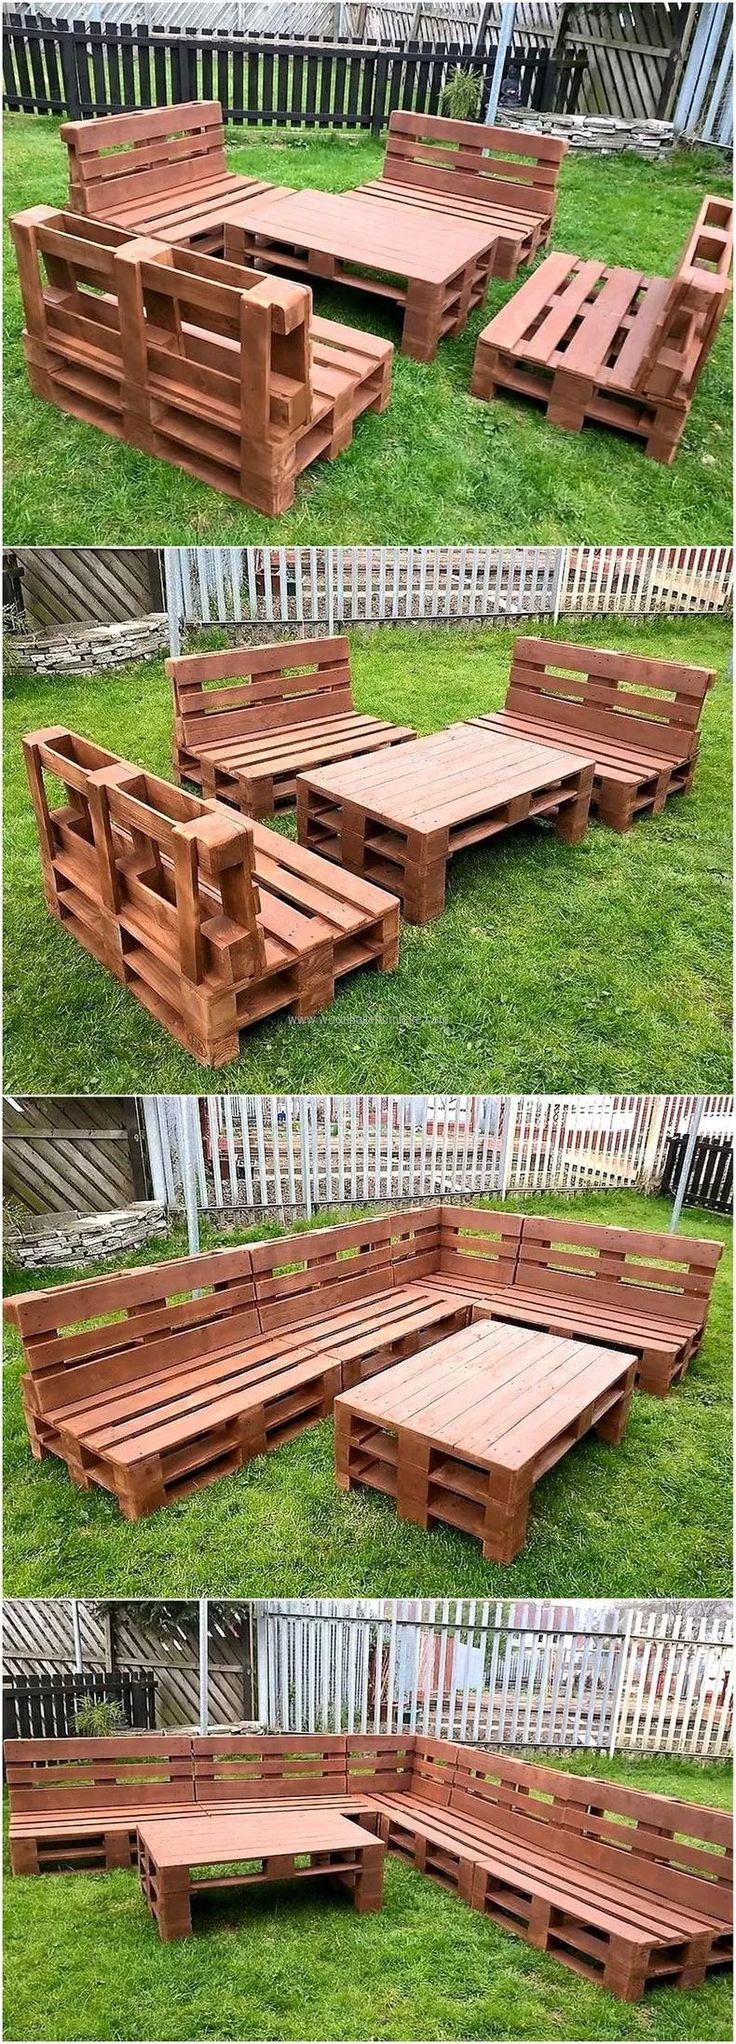 pallets garden furniture project landscape pinterest. Black Bedroom Furniture Sets. Home Design Ideas